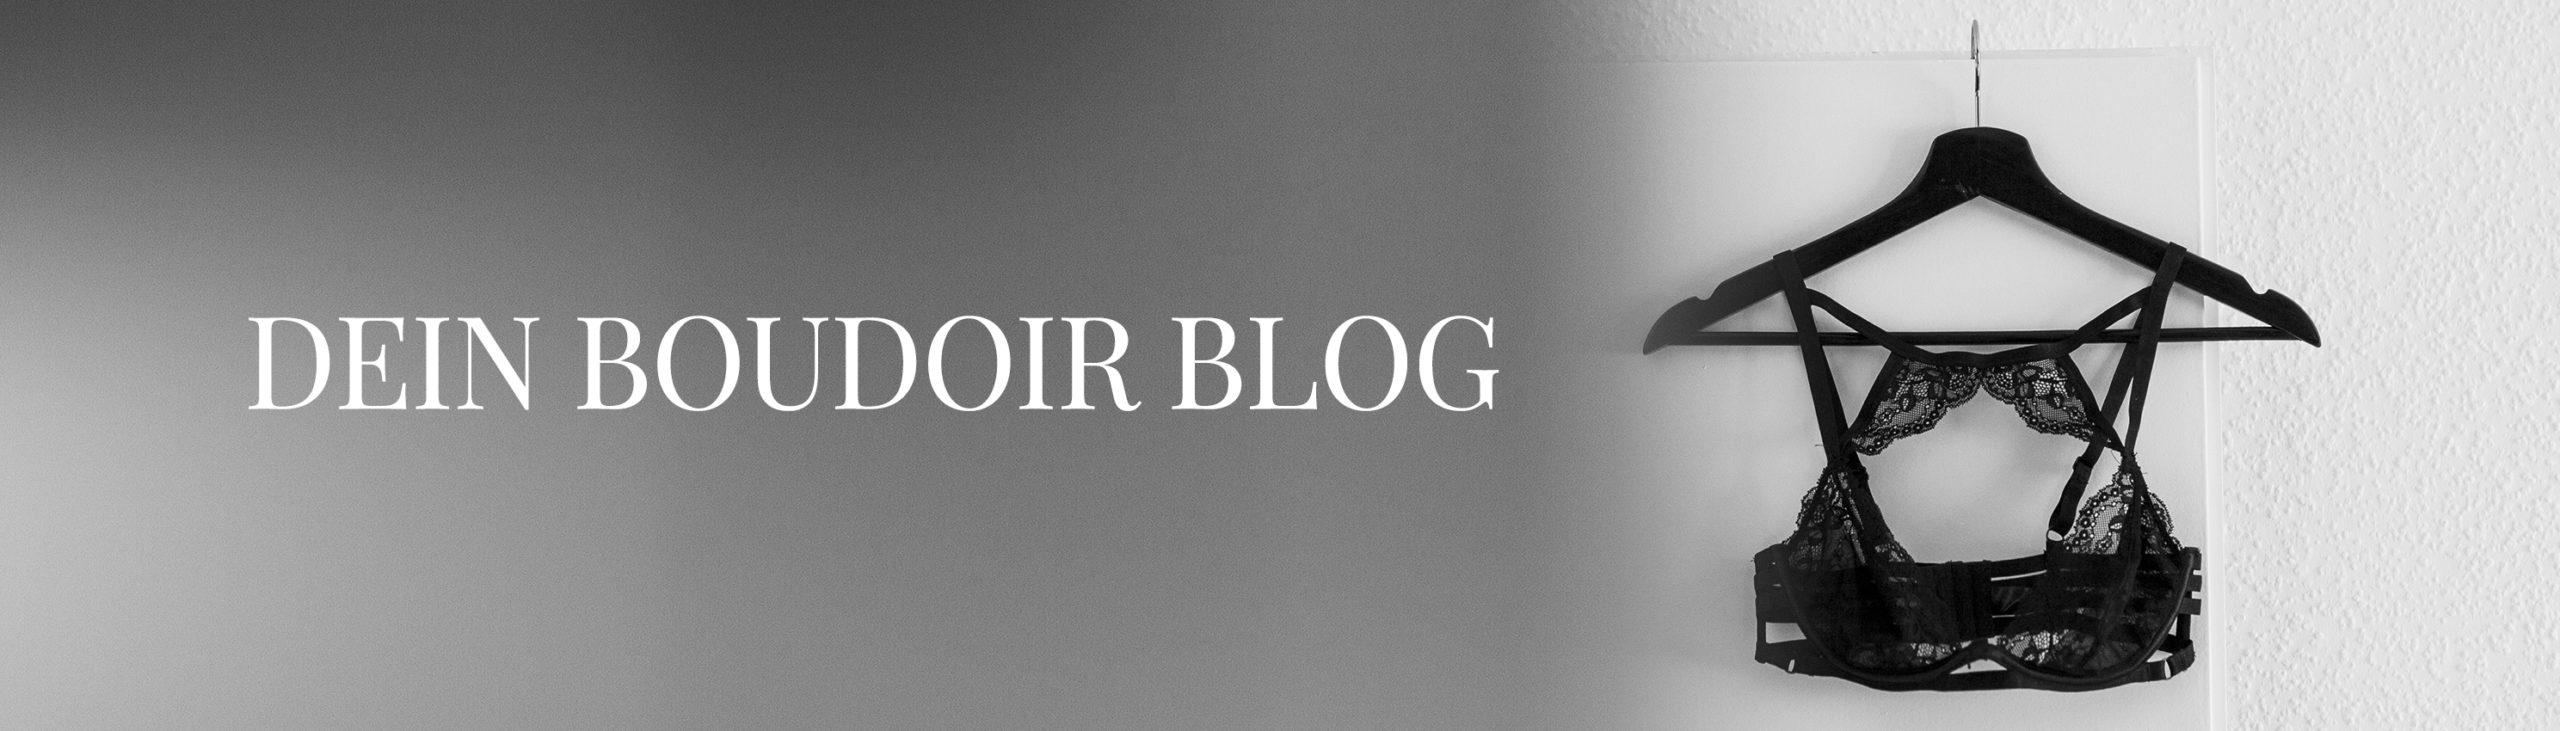 Header Teaser mit der Aufschrift dein boudoir blog